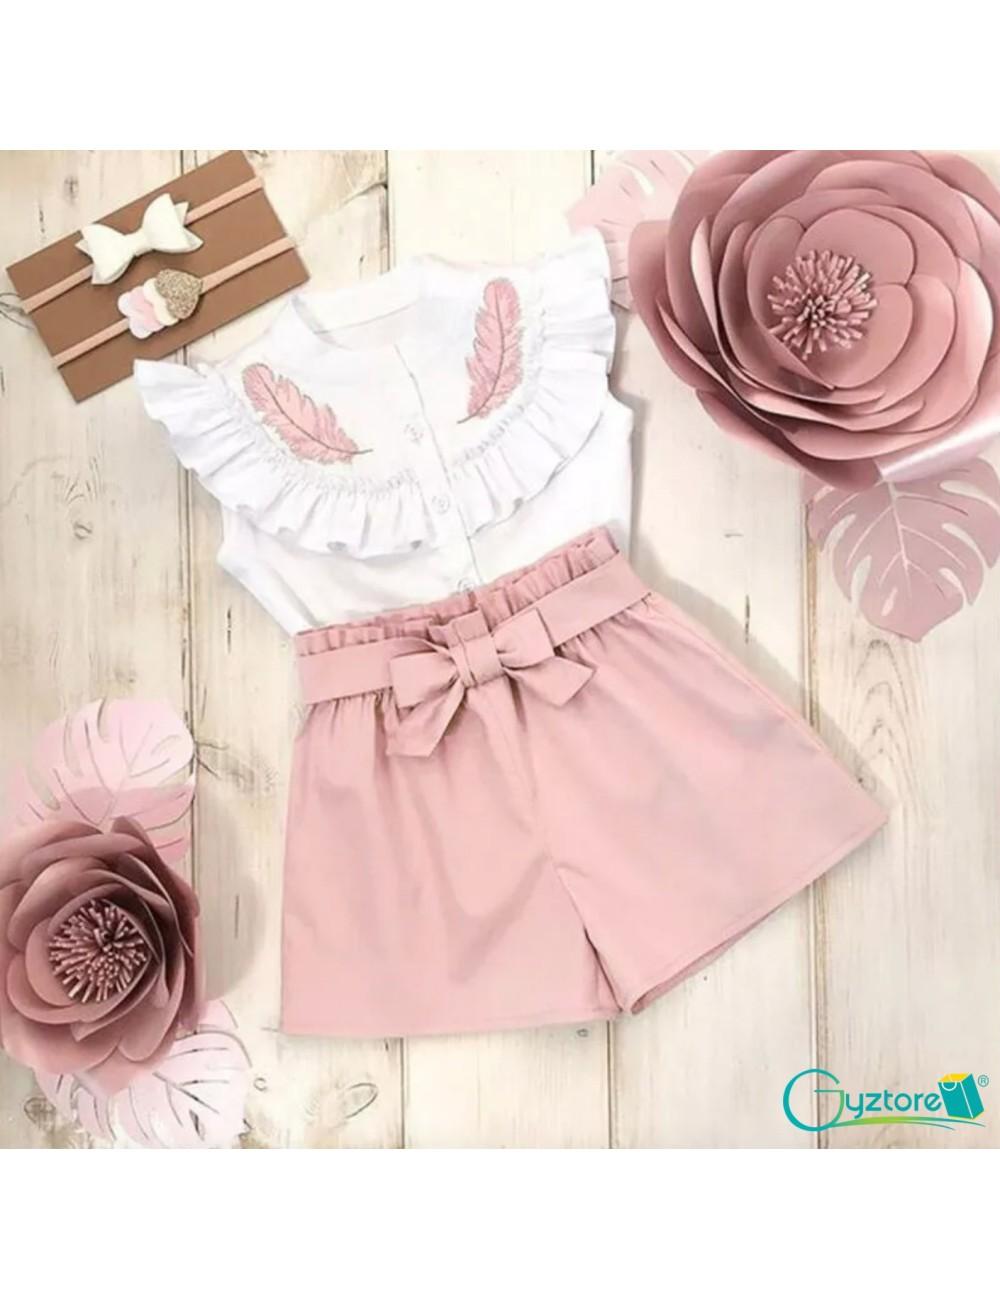 Set de short rosado con blusa blanca diseño de plumas